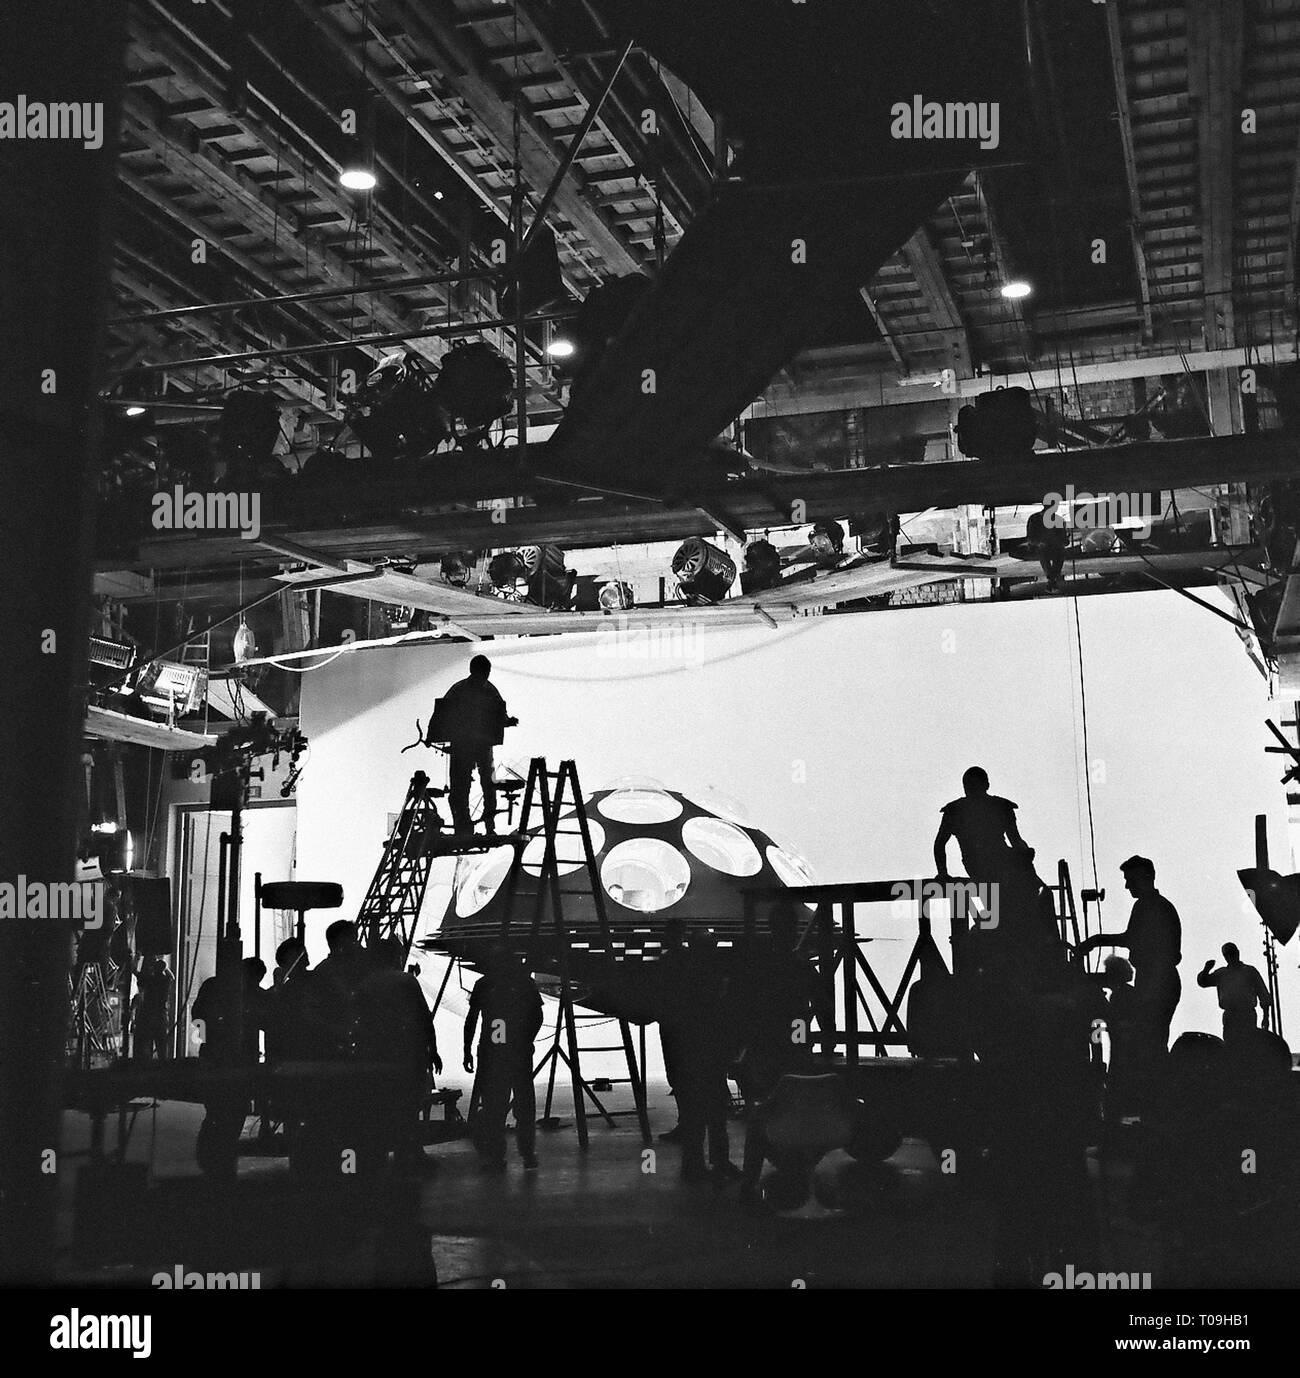 COMMANDO SPATIAL - LA FANTASTIQUE AVENTURE DU VAISSEAU ORION RAUMPATROUILLE - DIE PHANTASTISCHEN ABENTEUER DES RAUMSCHIFFES ORION 1966 serie TV creee - Stock Image